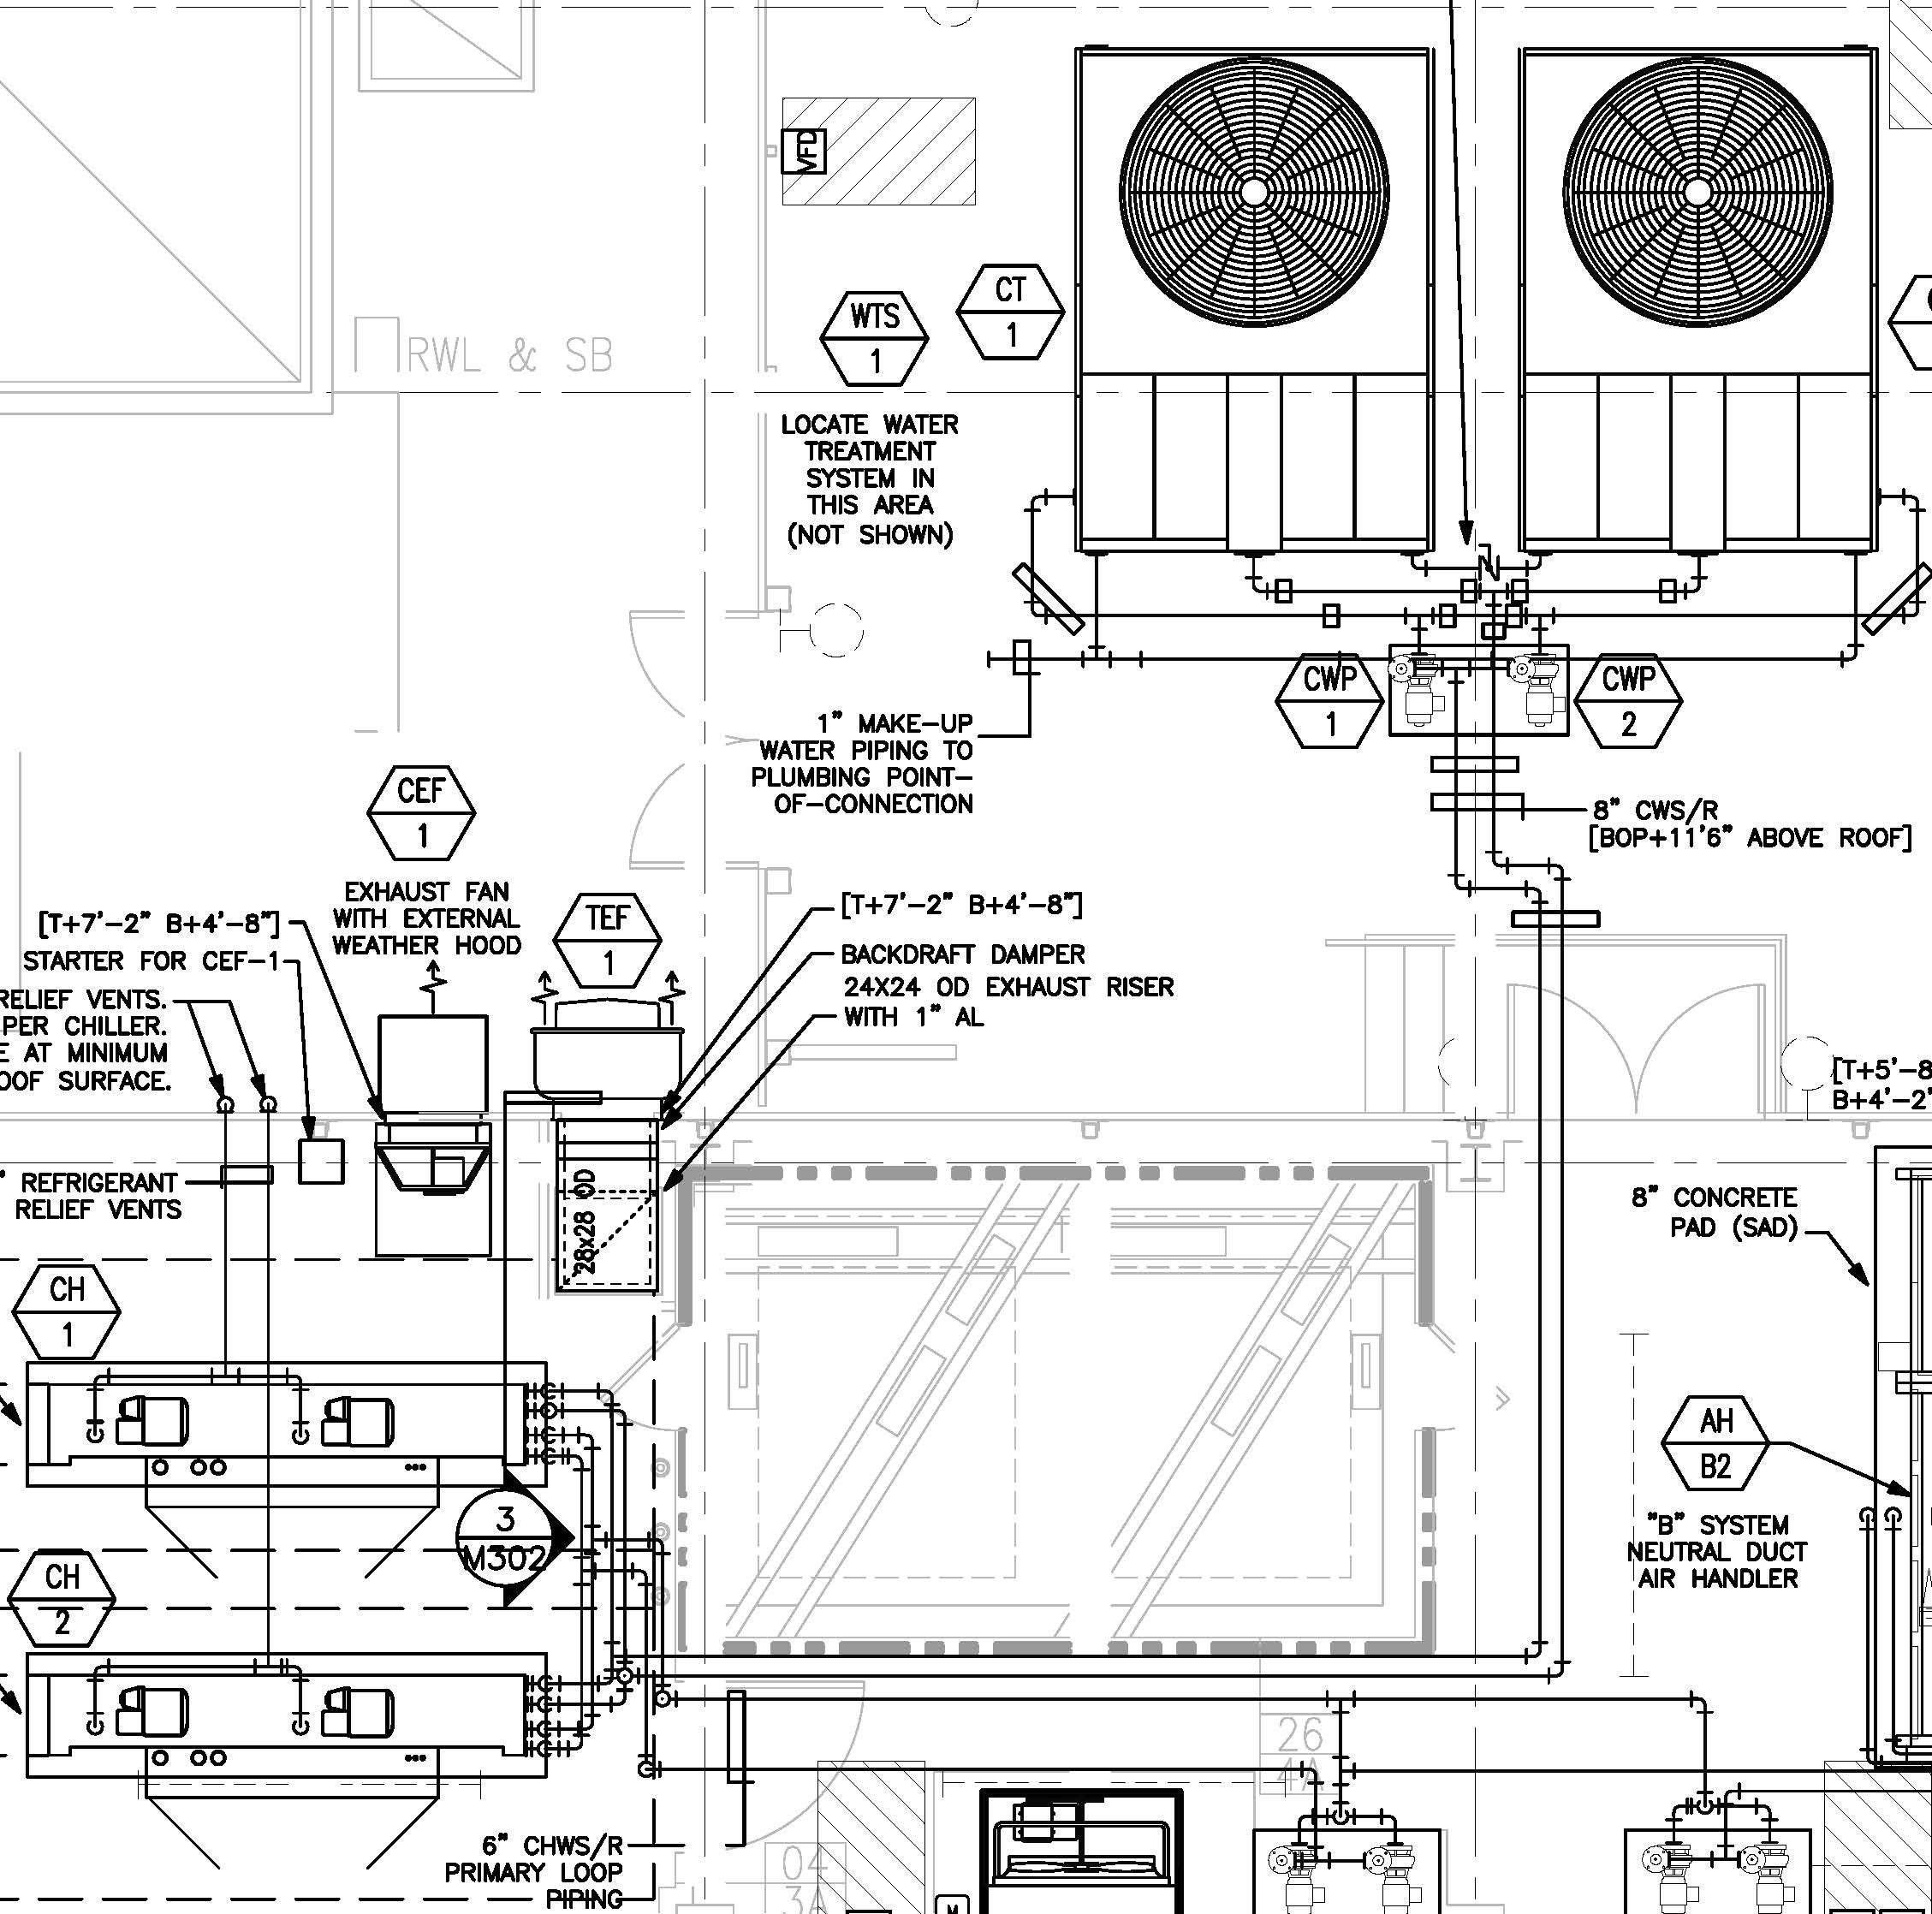 2wire Thermostat Wiring Diagram In 2020 Garage Door Opener Troubleshooting Craftsman Garage Door Craftsman Garage Door Opener